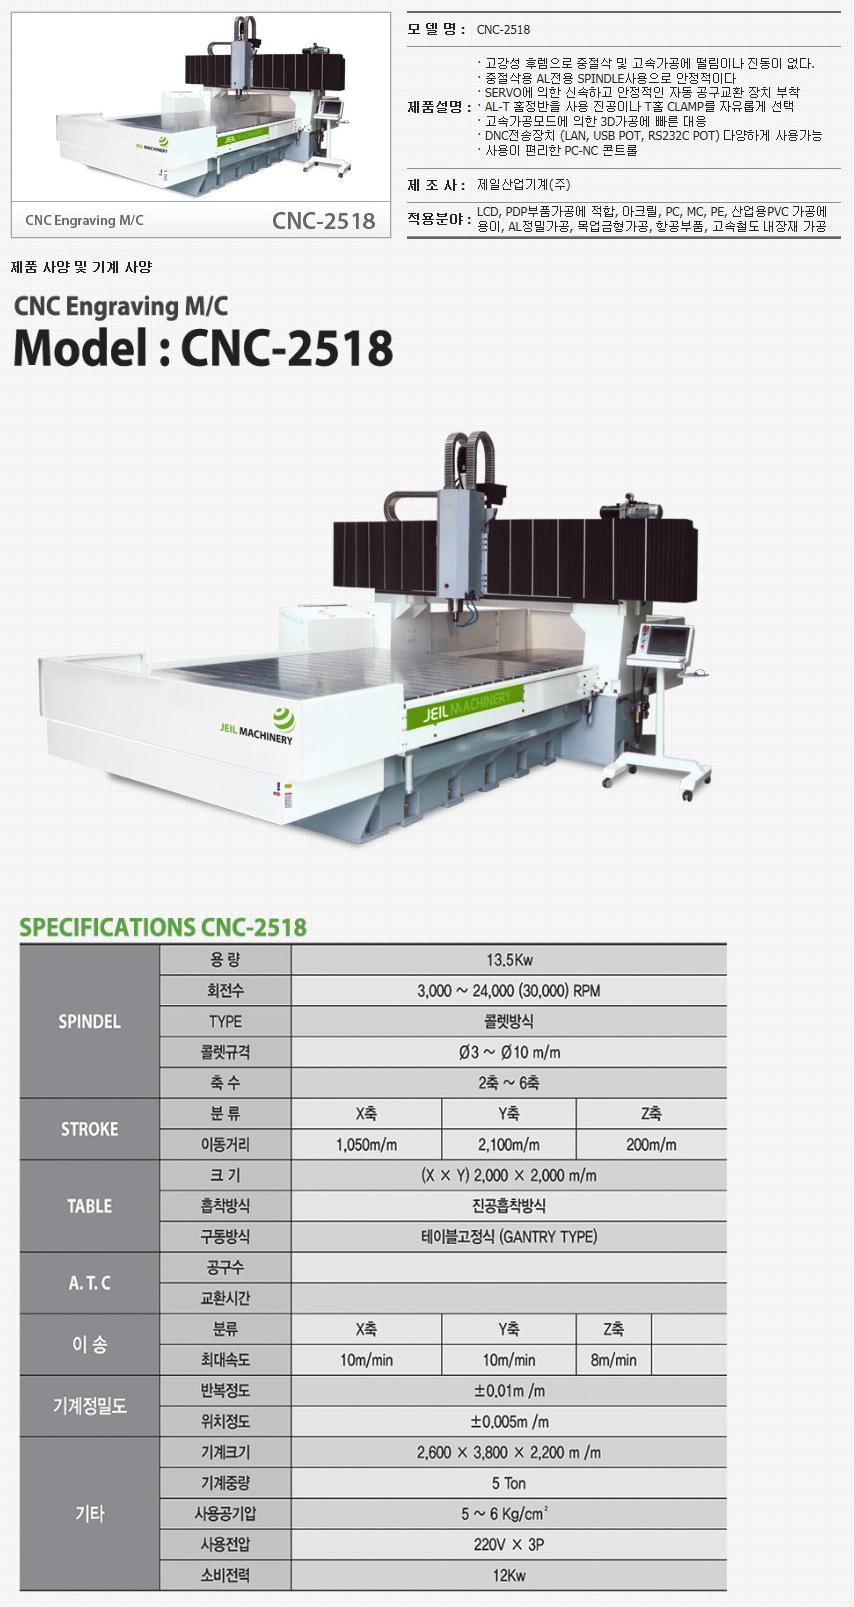 제일산업기계(주) CNC Engraving M/C CNC-2518